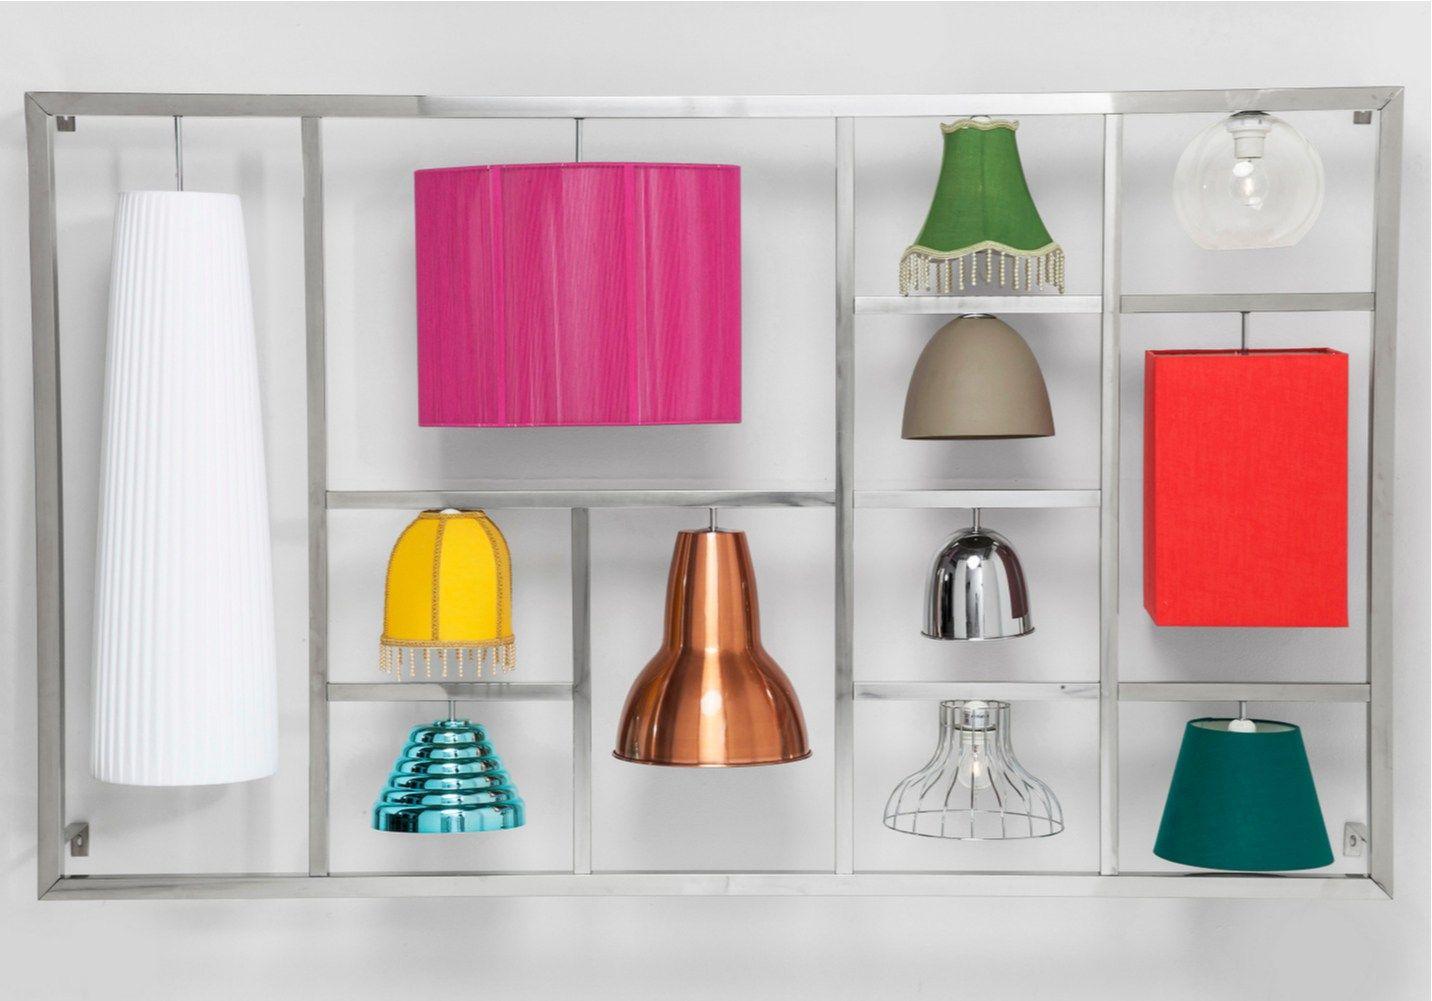 Lampada da parete in stile moderno parecchi illusion by kare design - Lampada da parete design ...